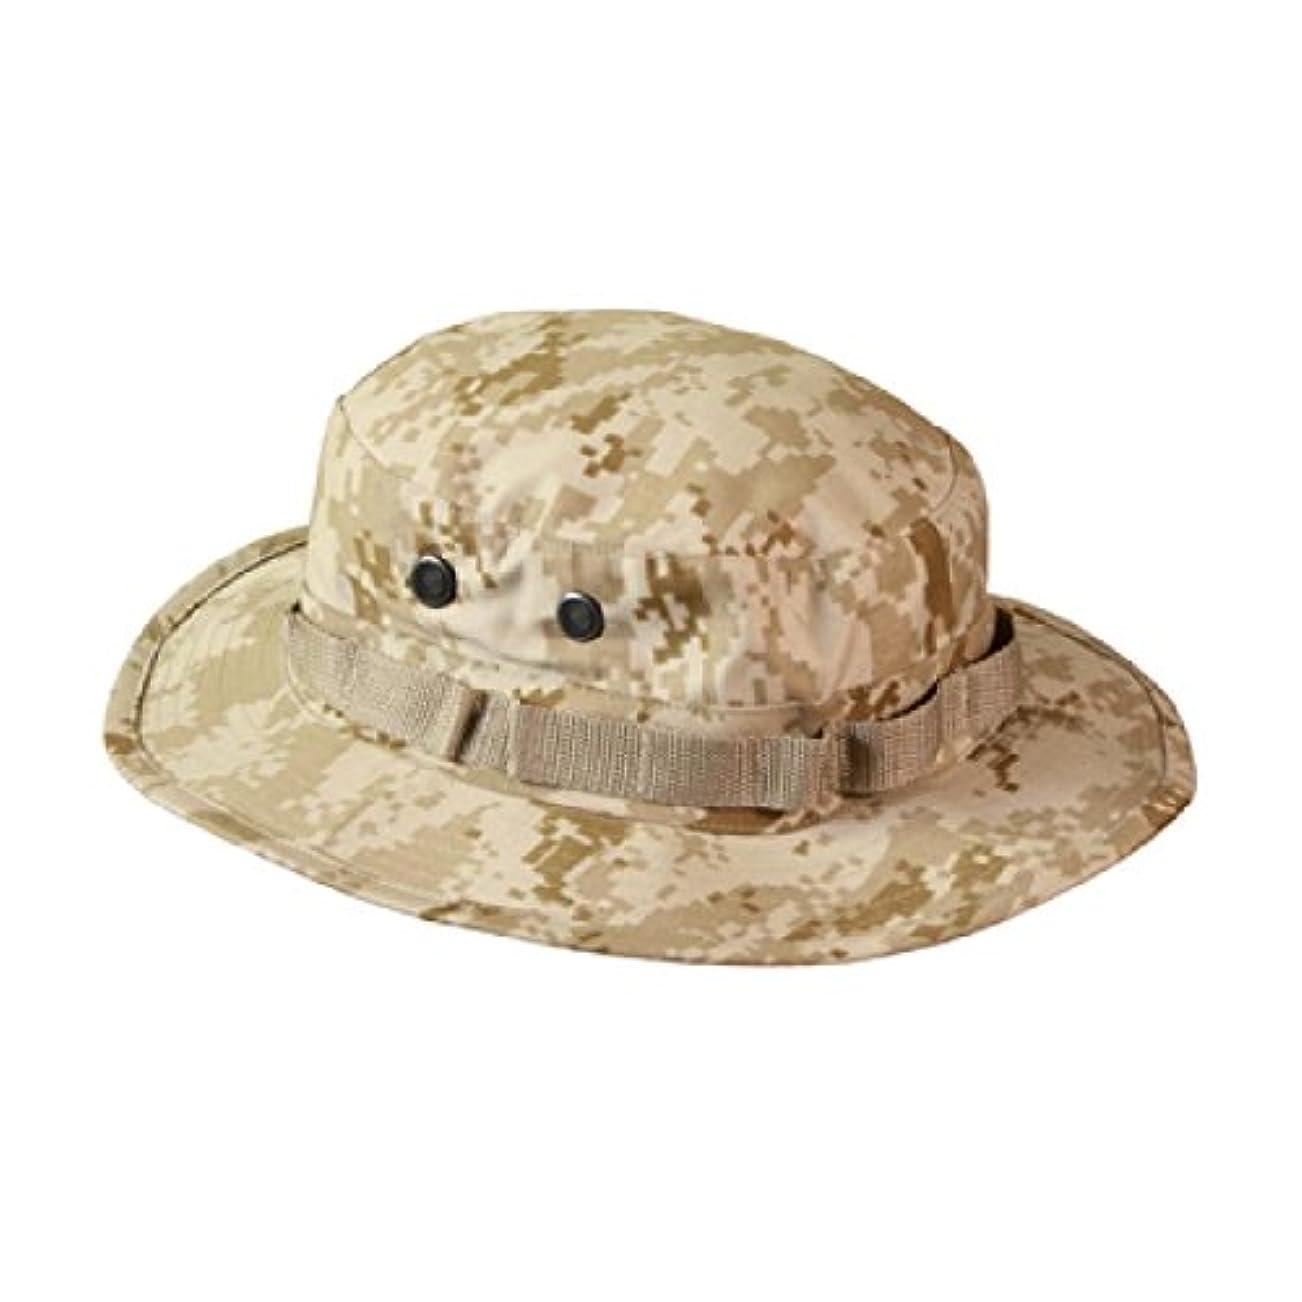 隔離かろうじてタンクRothco メンズ ブーニーハット帽子インチ サイズ8 砂漠デジタル迷彩